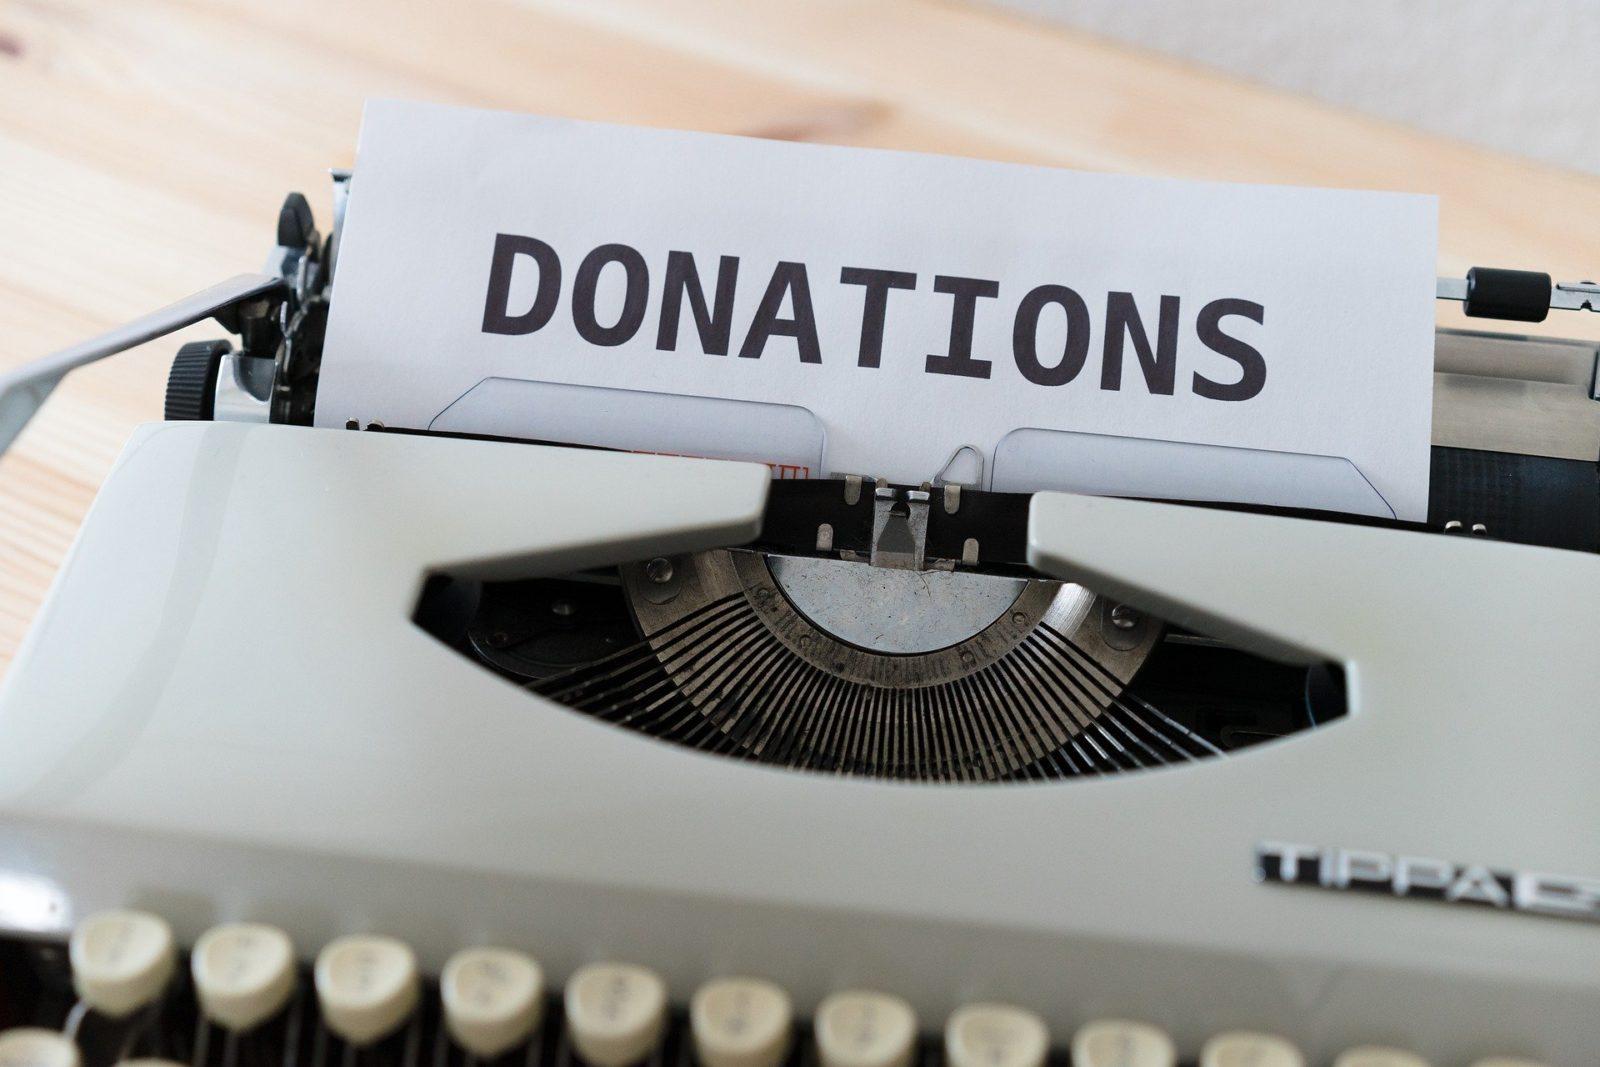 donations ngo money laundering